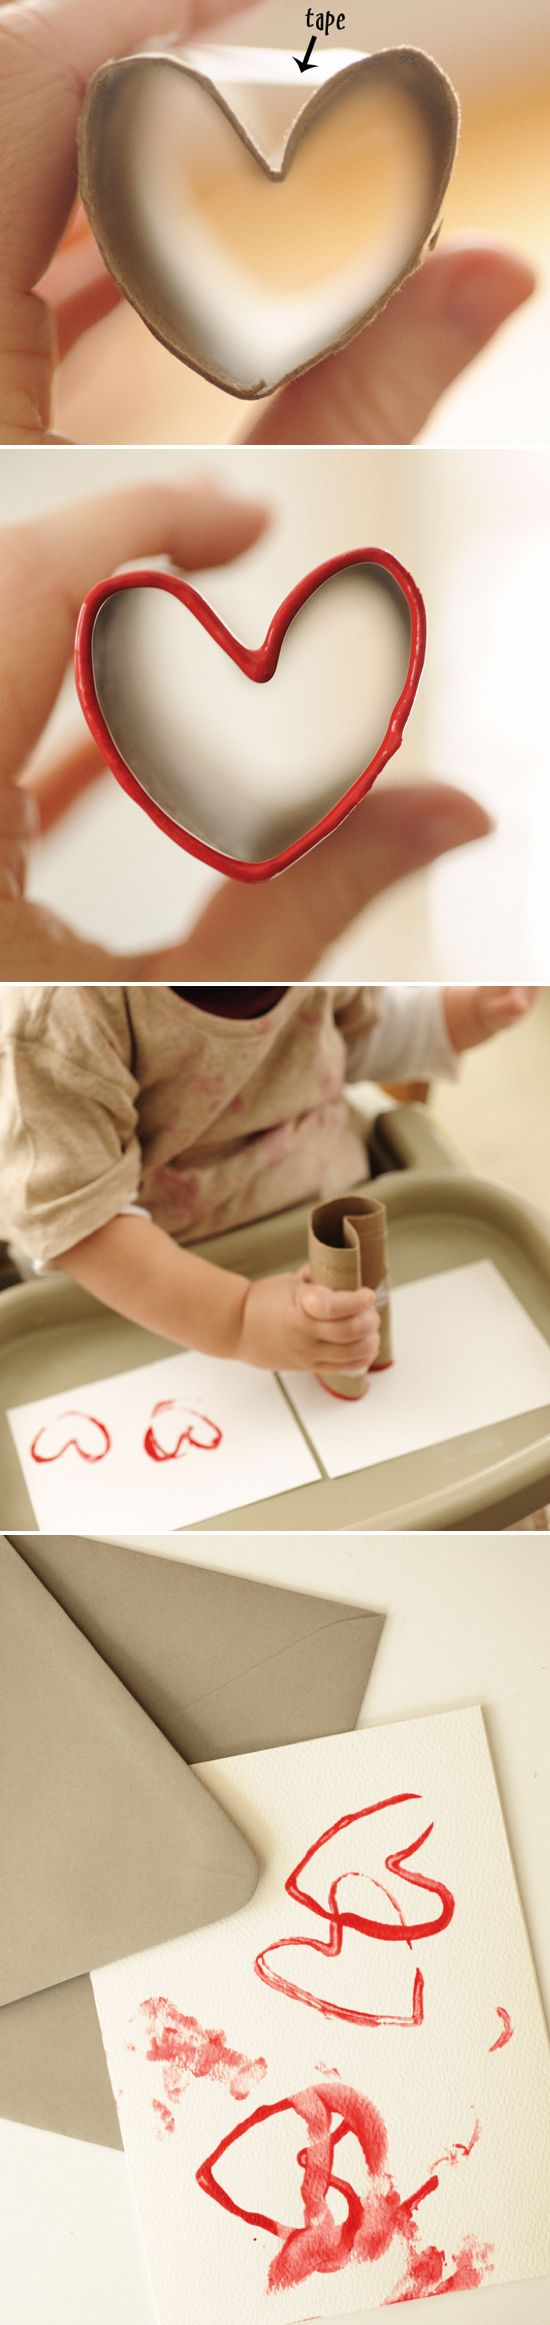 astuces-a-faire-avec-des-rouleaux-de-papier-hygienique-9